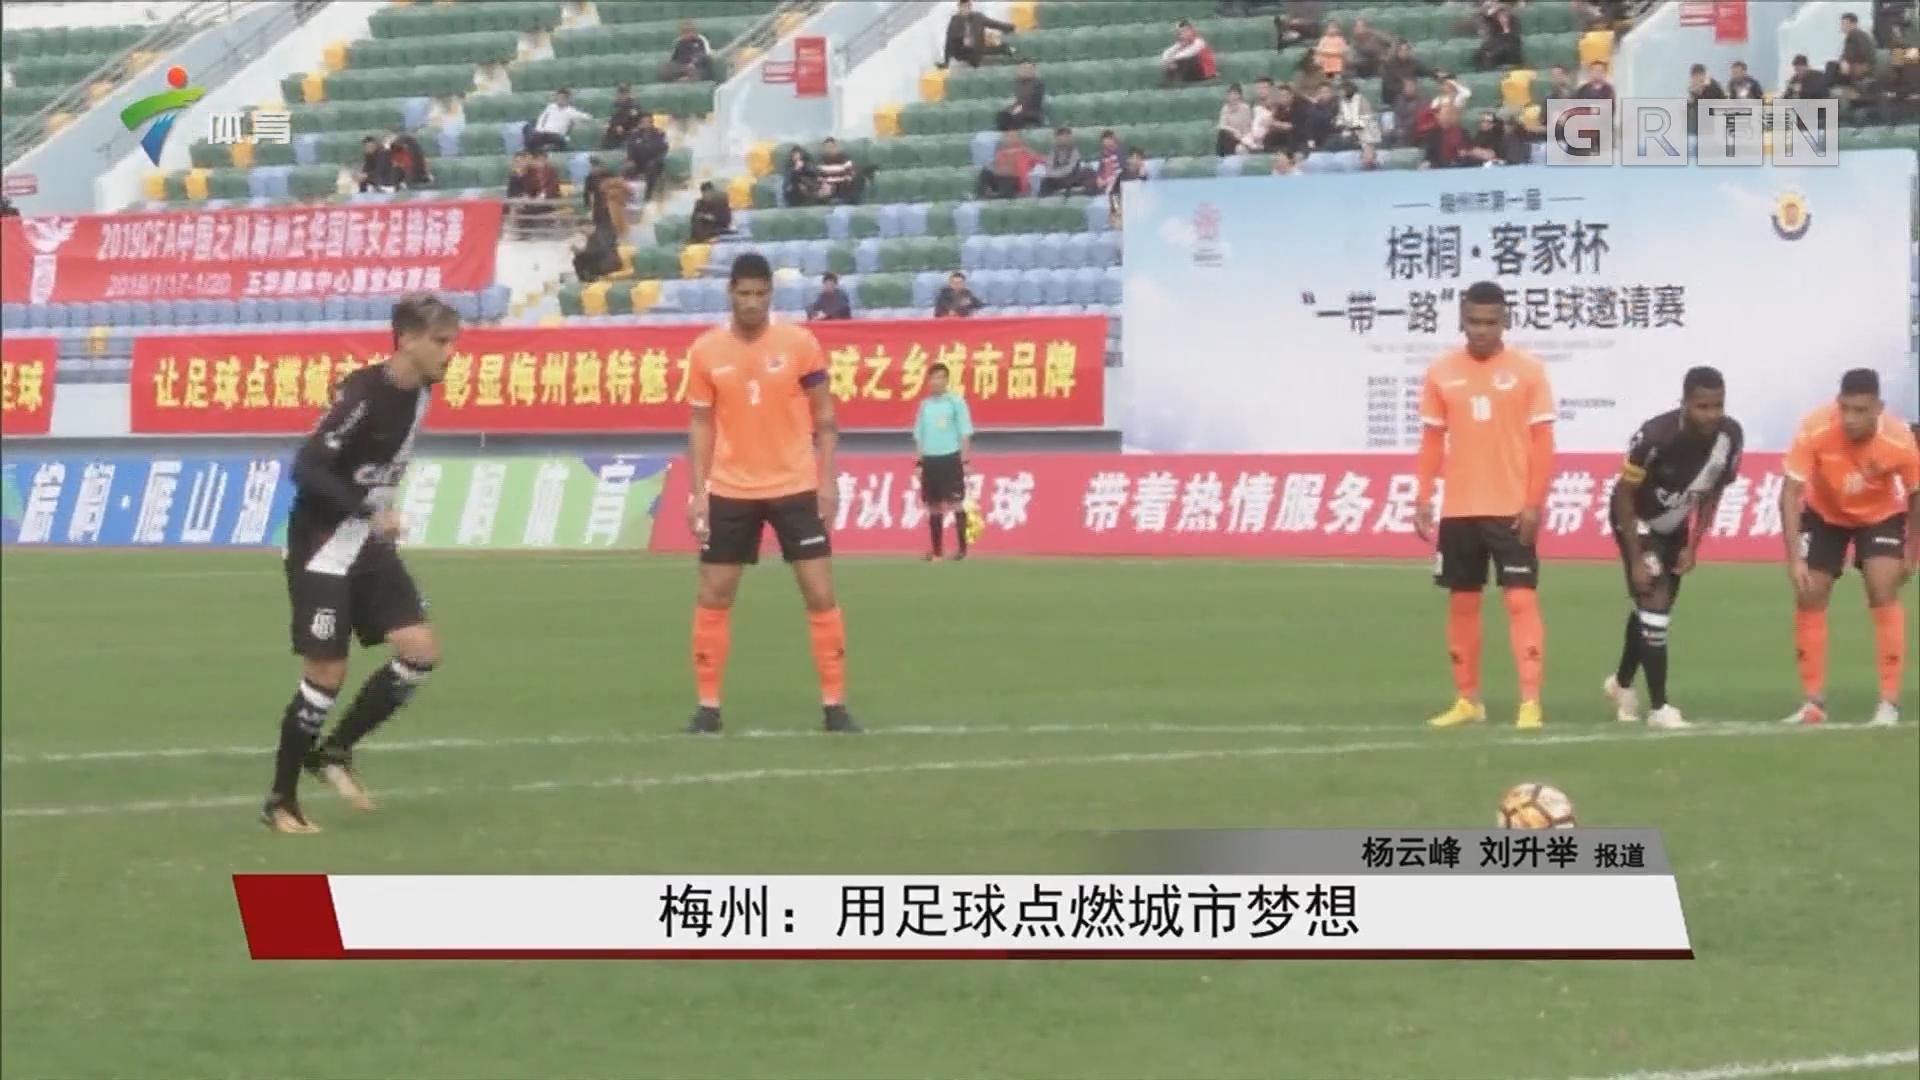 梅州:用足球点燃城市梦想